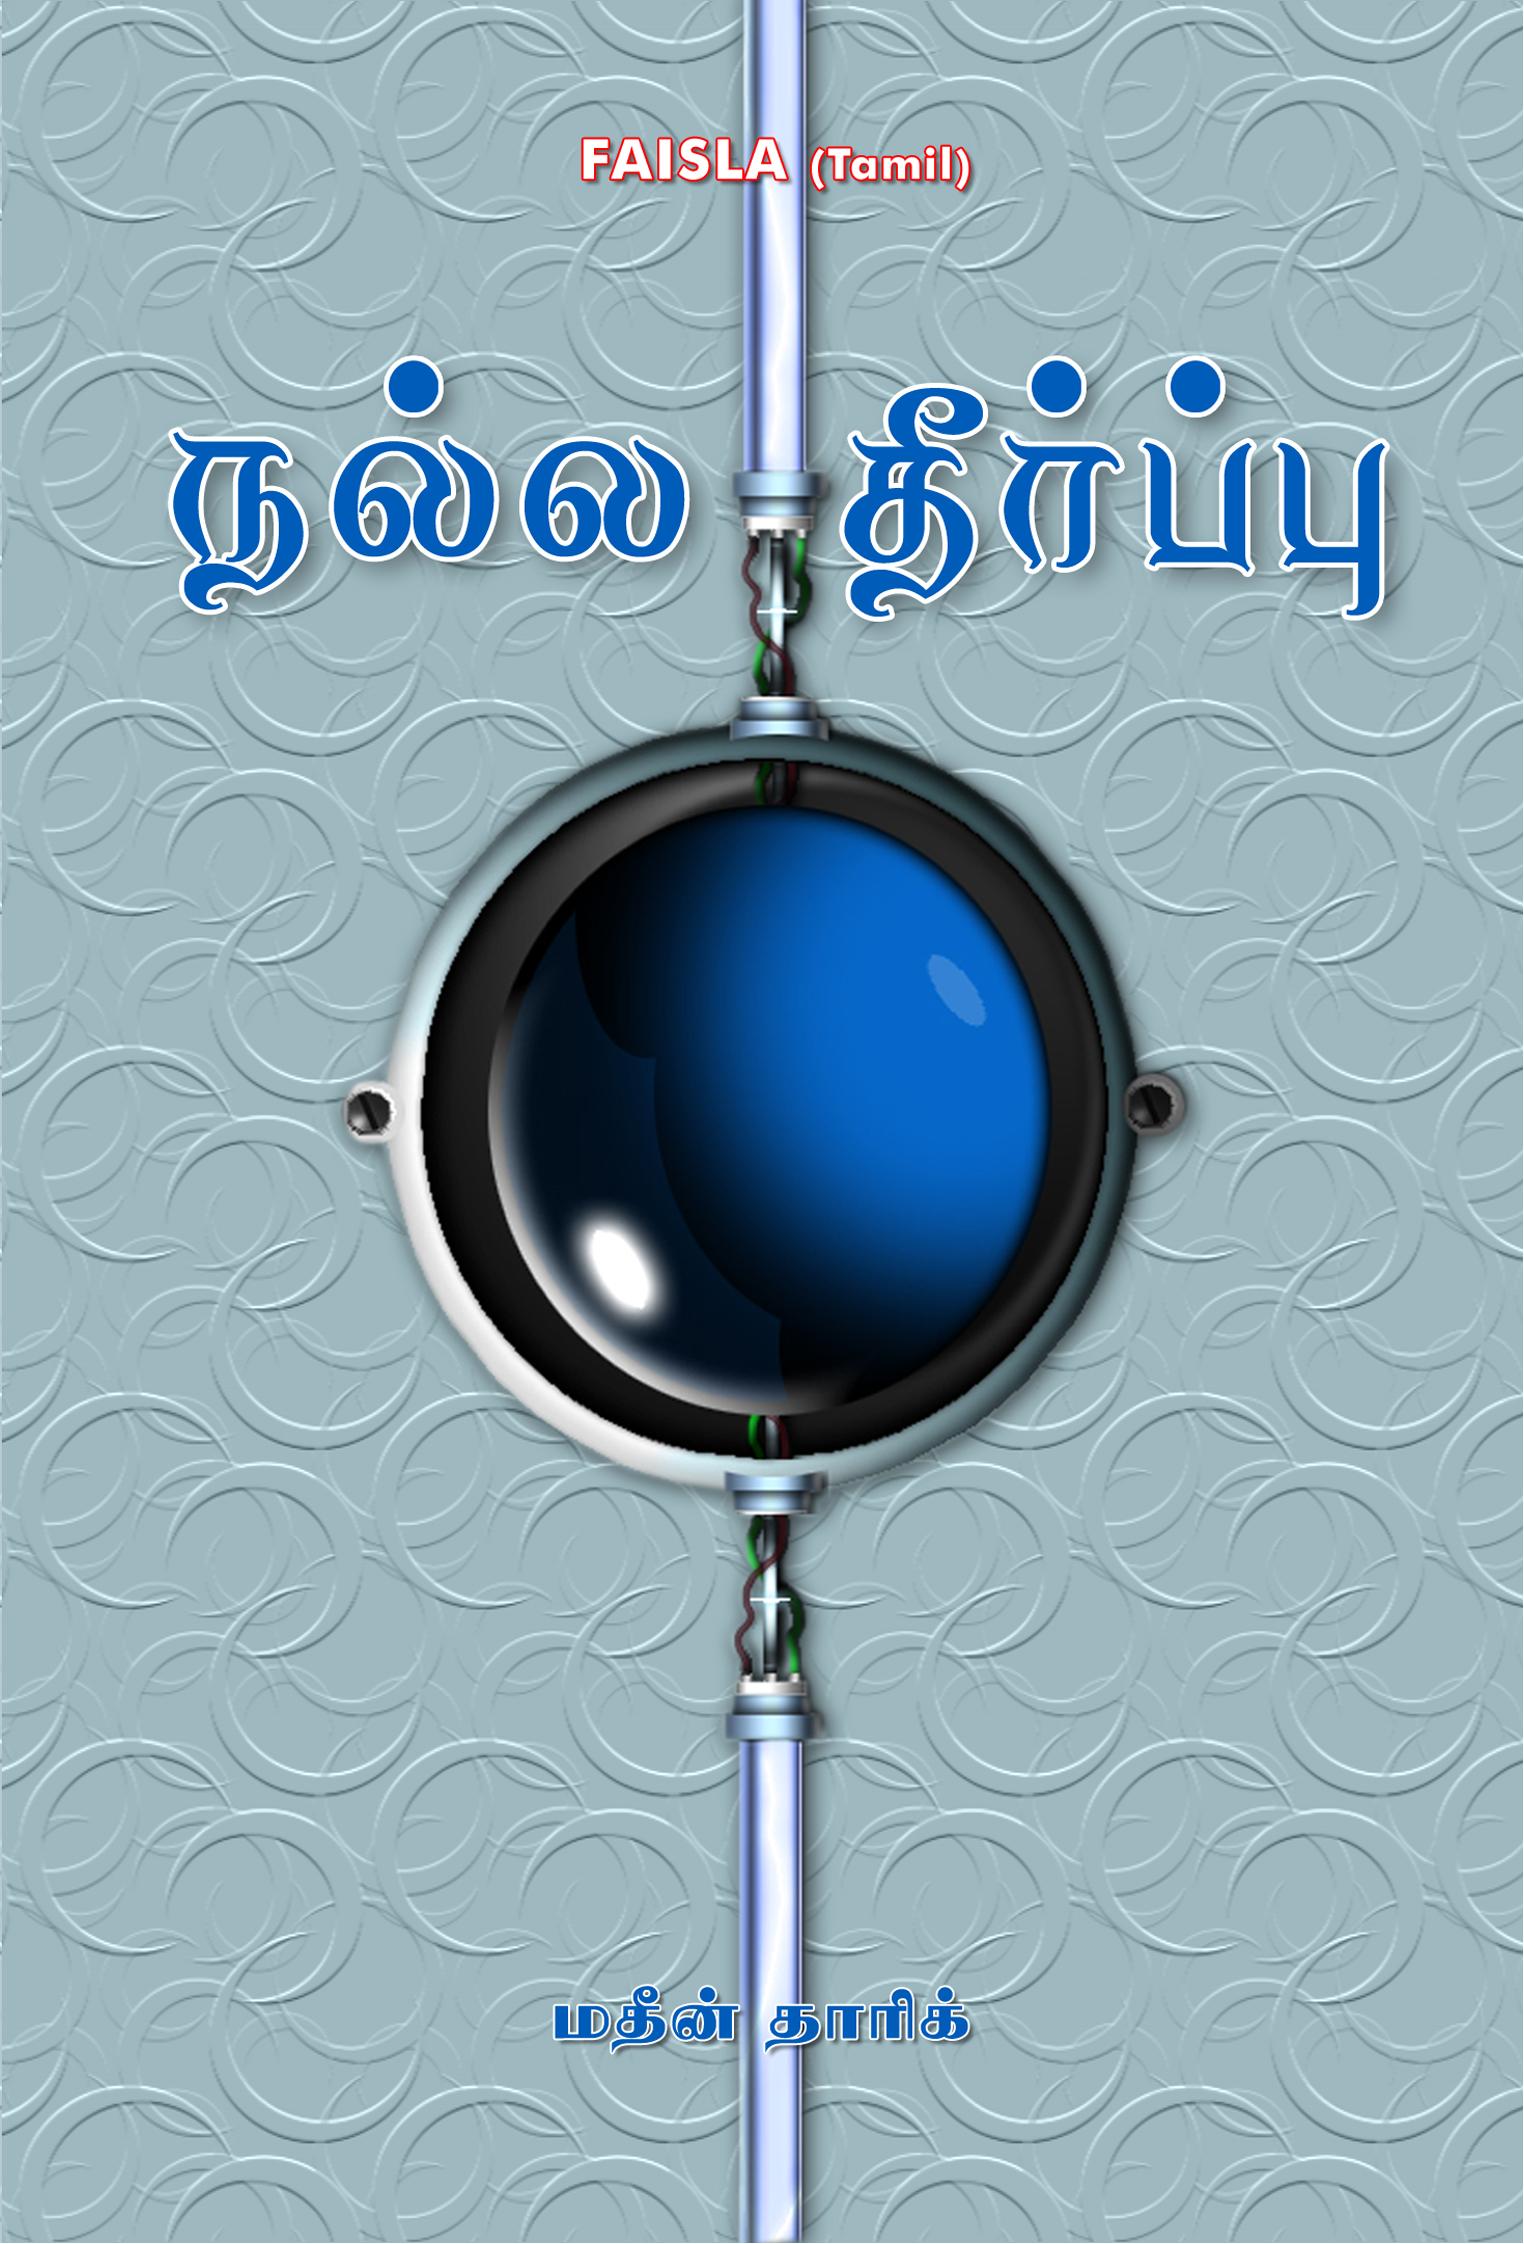 நல்ல தீர்ப்பு-Nalla thirppu